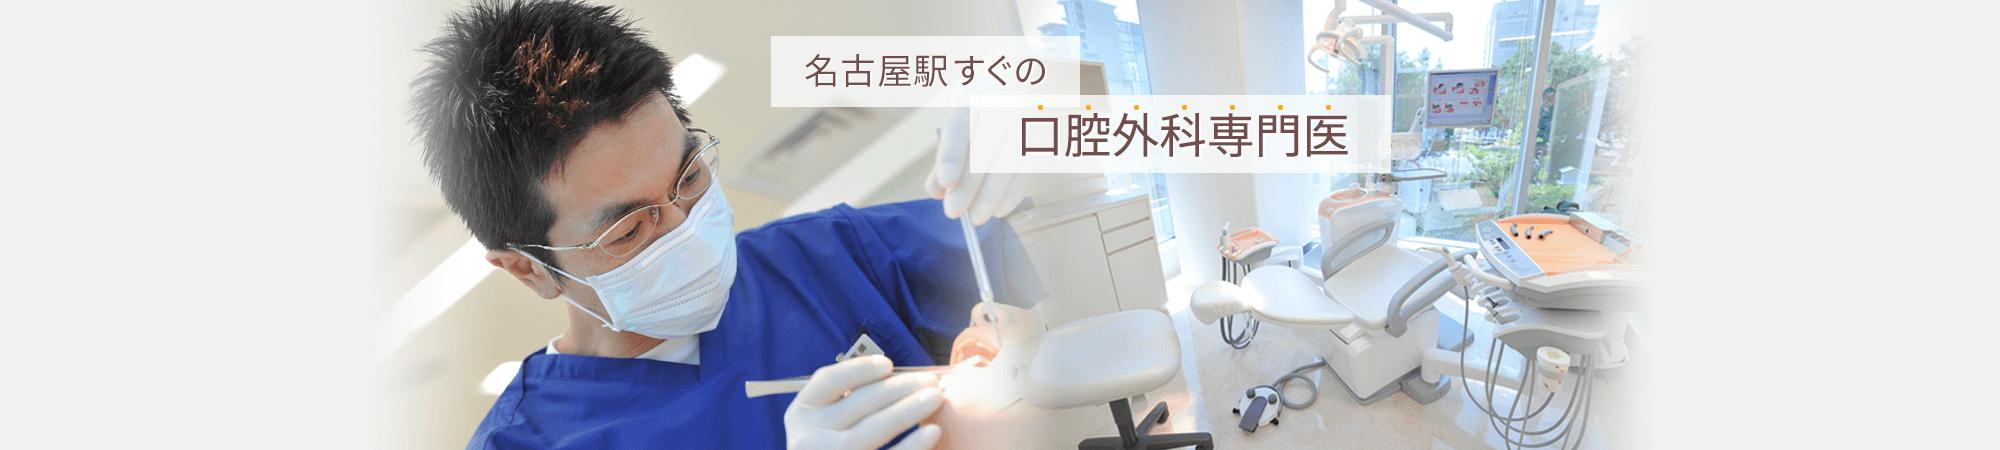 名駅エリアで唯一の口腔外科専門医の開業医